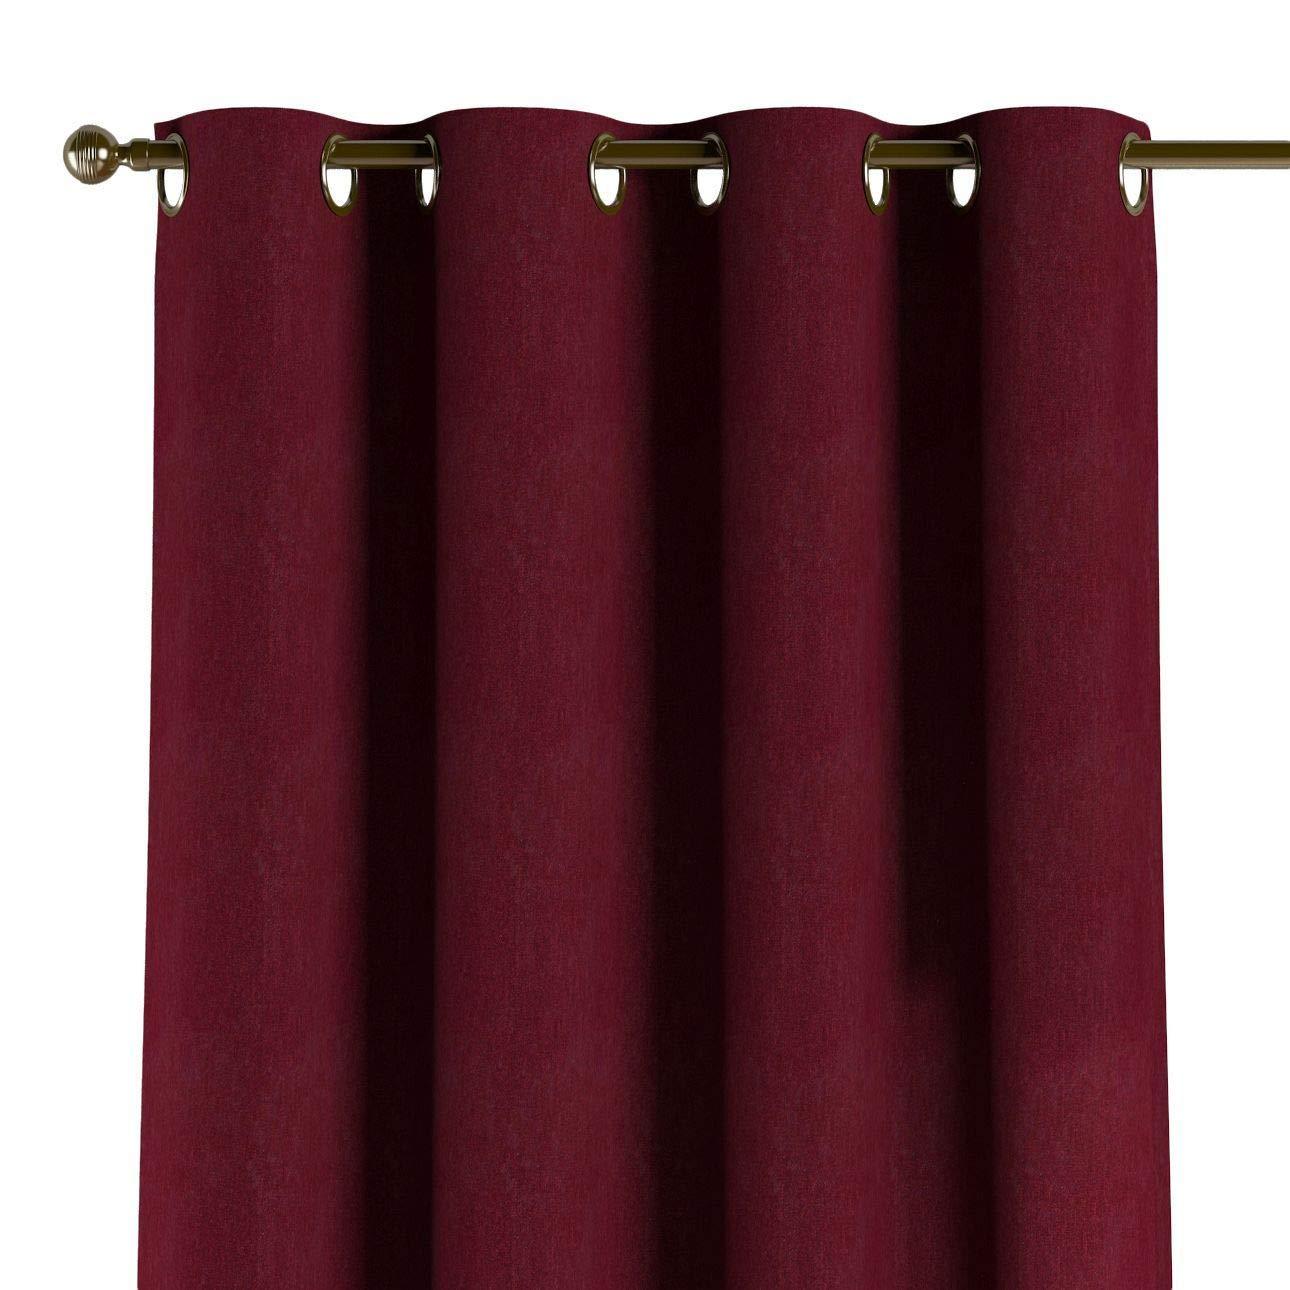 Dekoria Ösenschal Dekoschal Blickdicht 1 Stck. 130 × 260 cm Bordeaux Maßanfertigung möglich